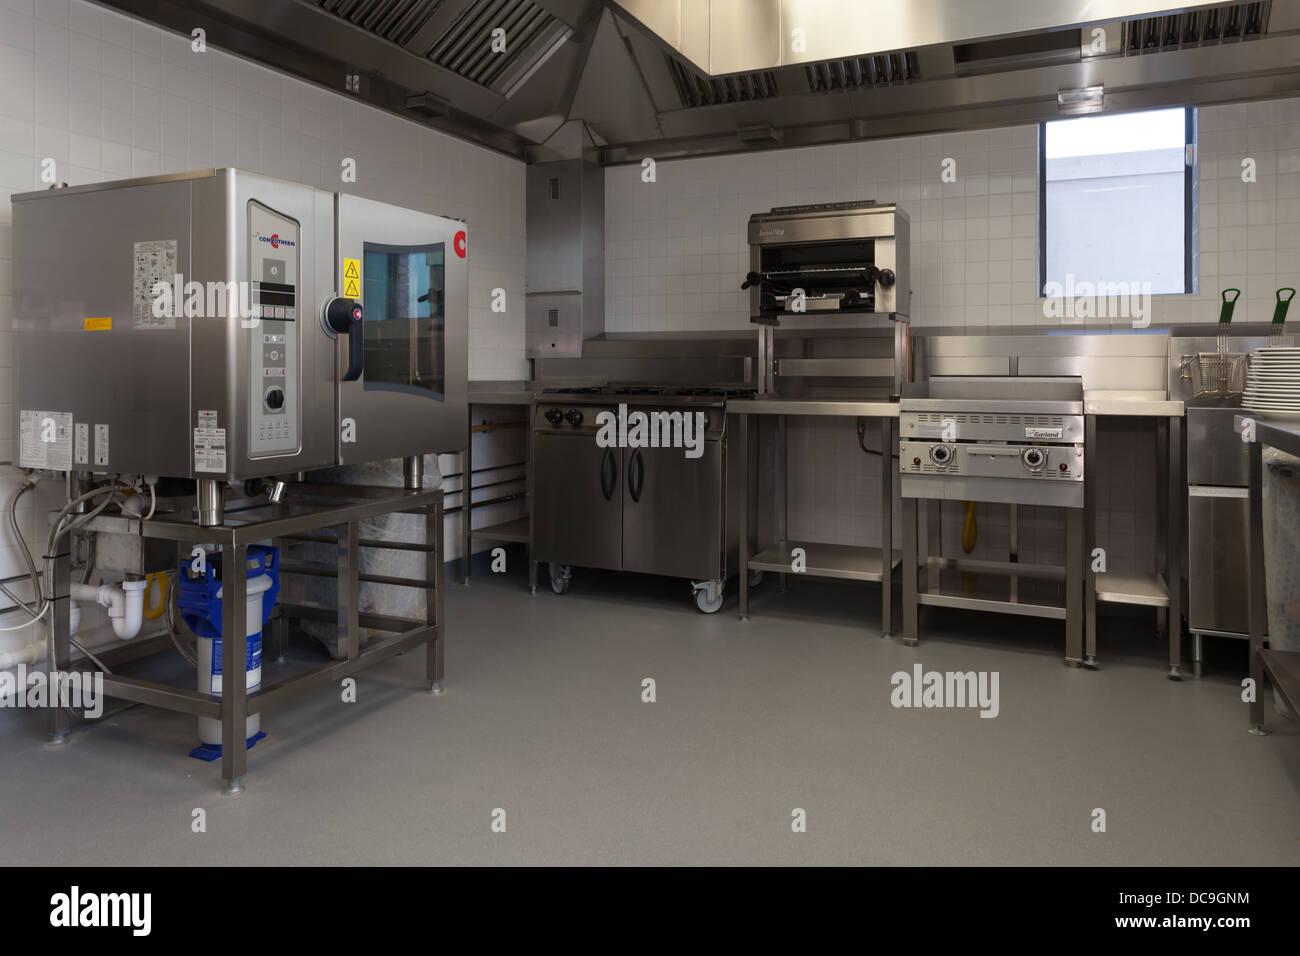 Spotless Kitchen Stock Photos  Spotless Kitchen Stock